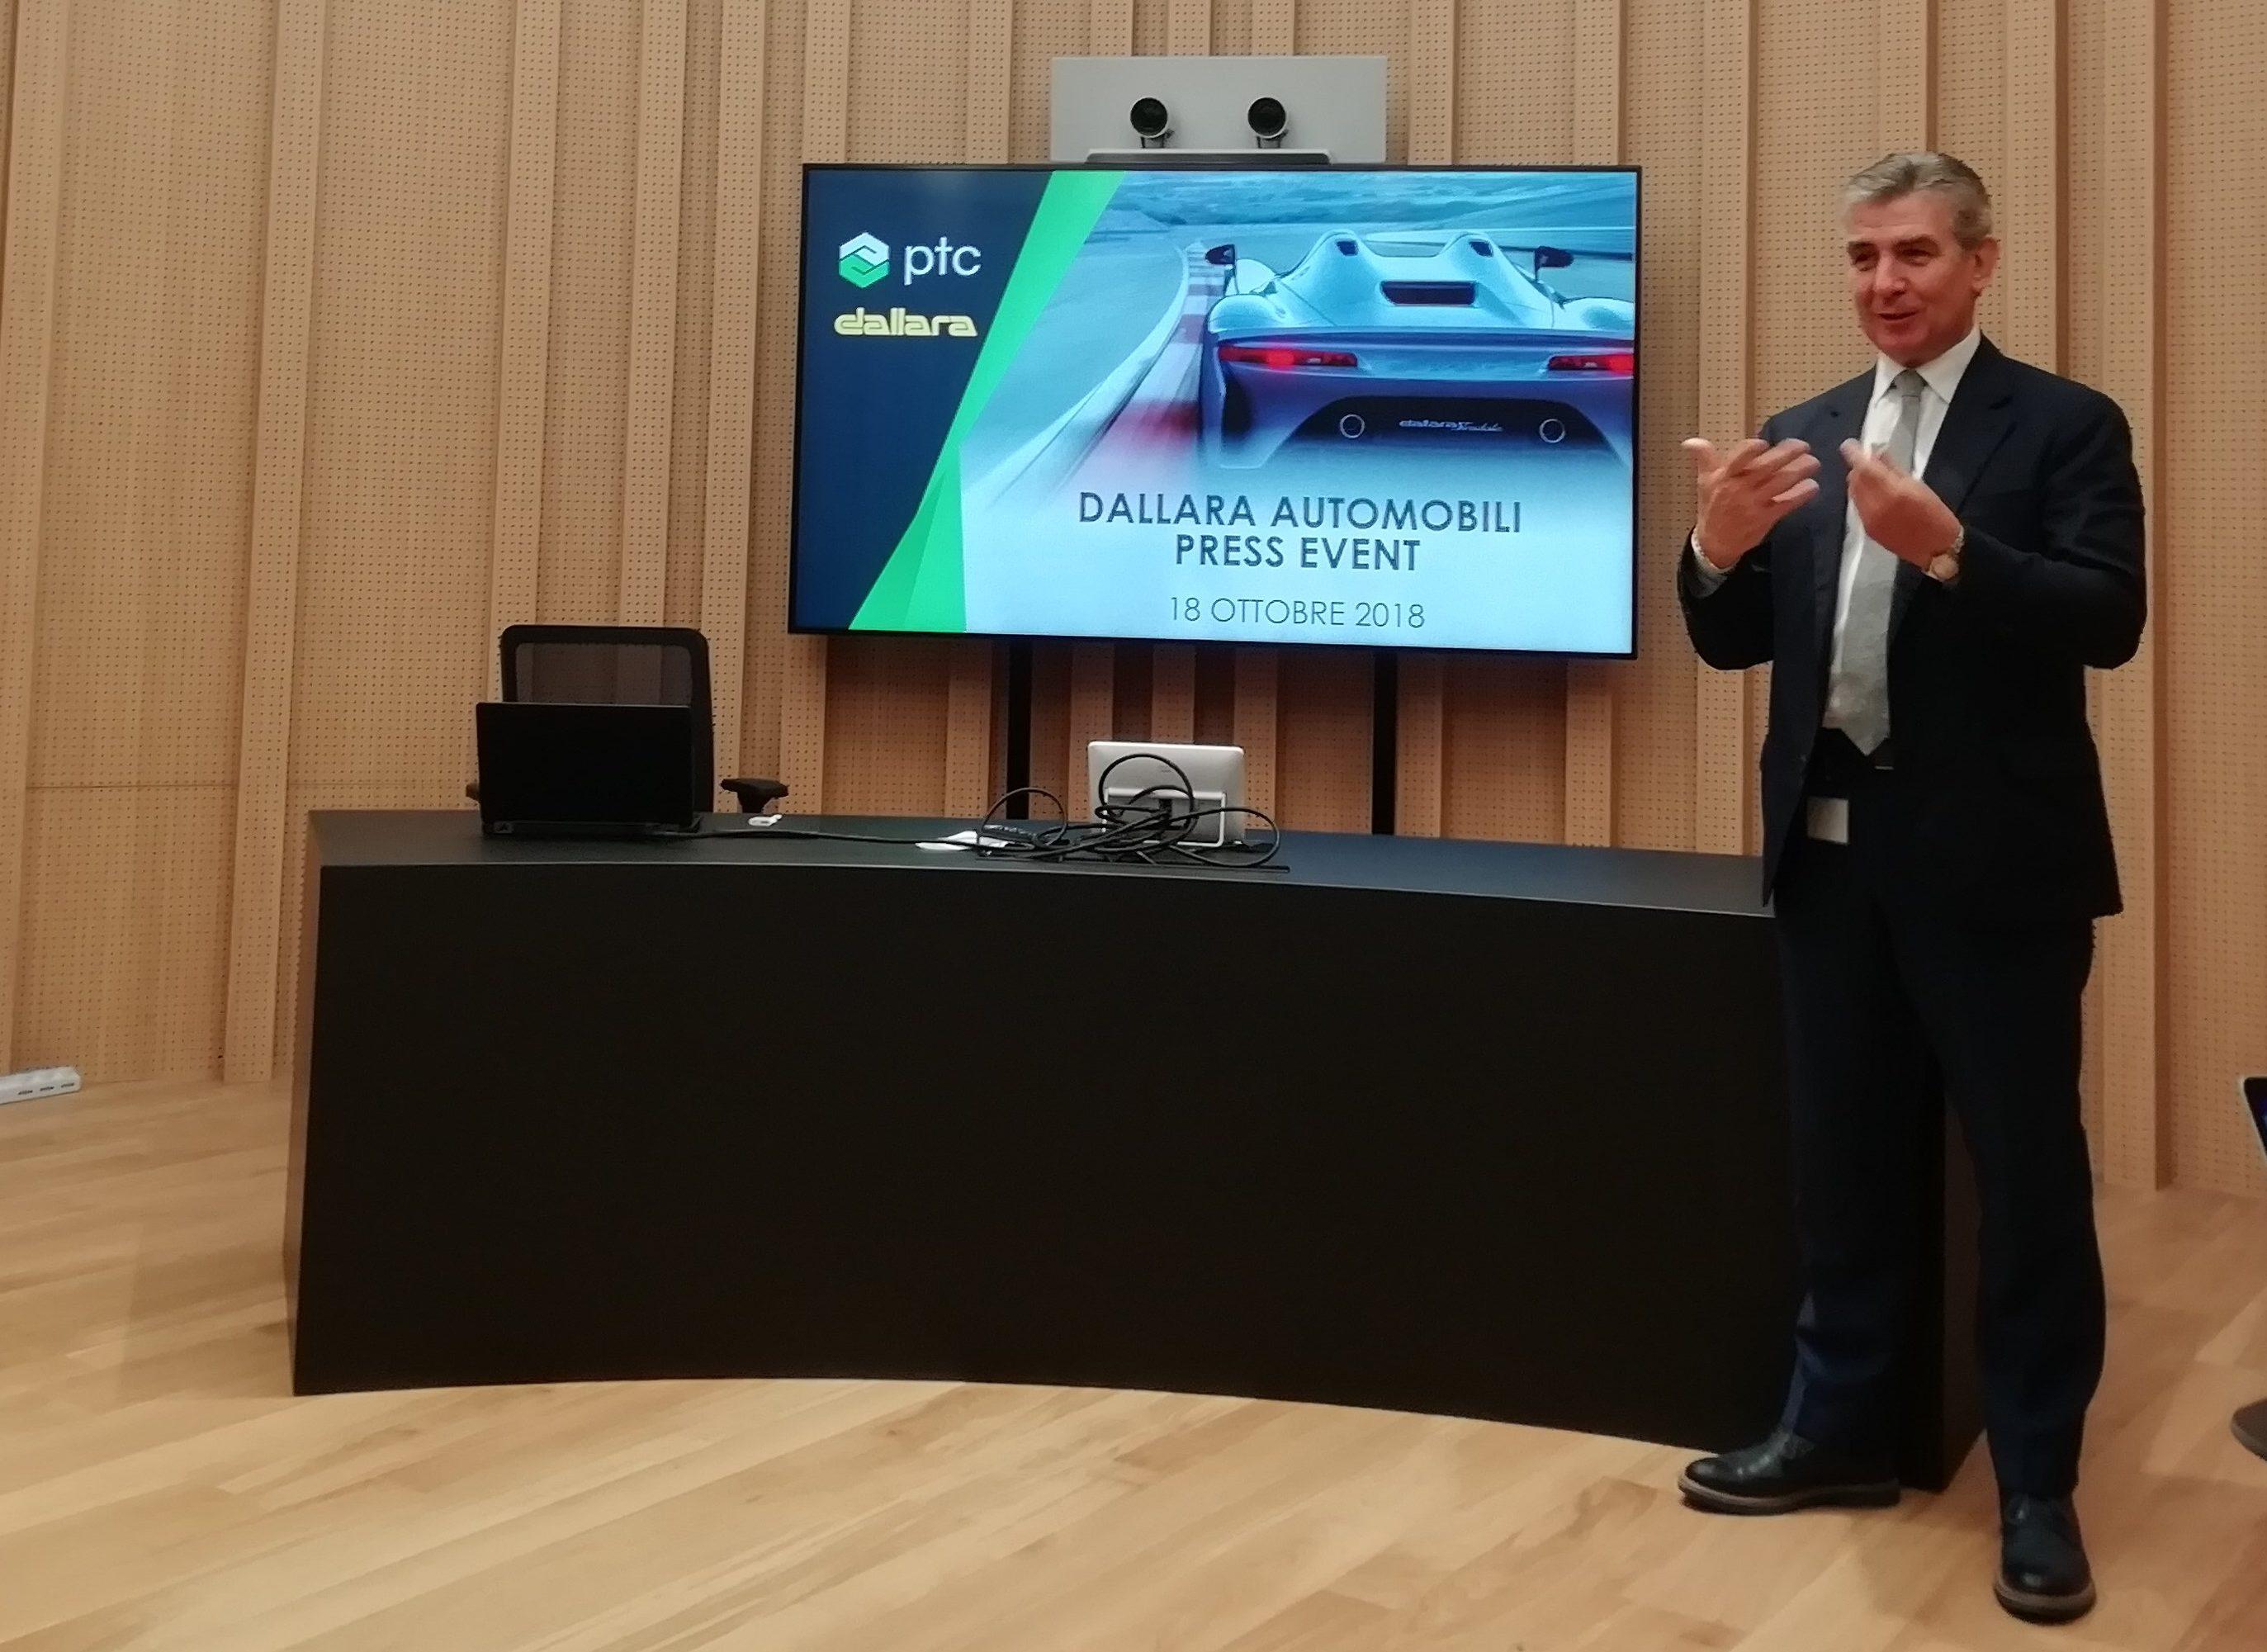 Andra Pontemoli, CEO & General Manager di Dallara Automobili